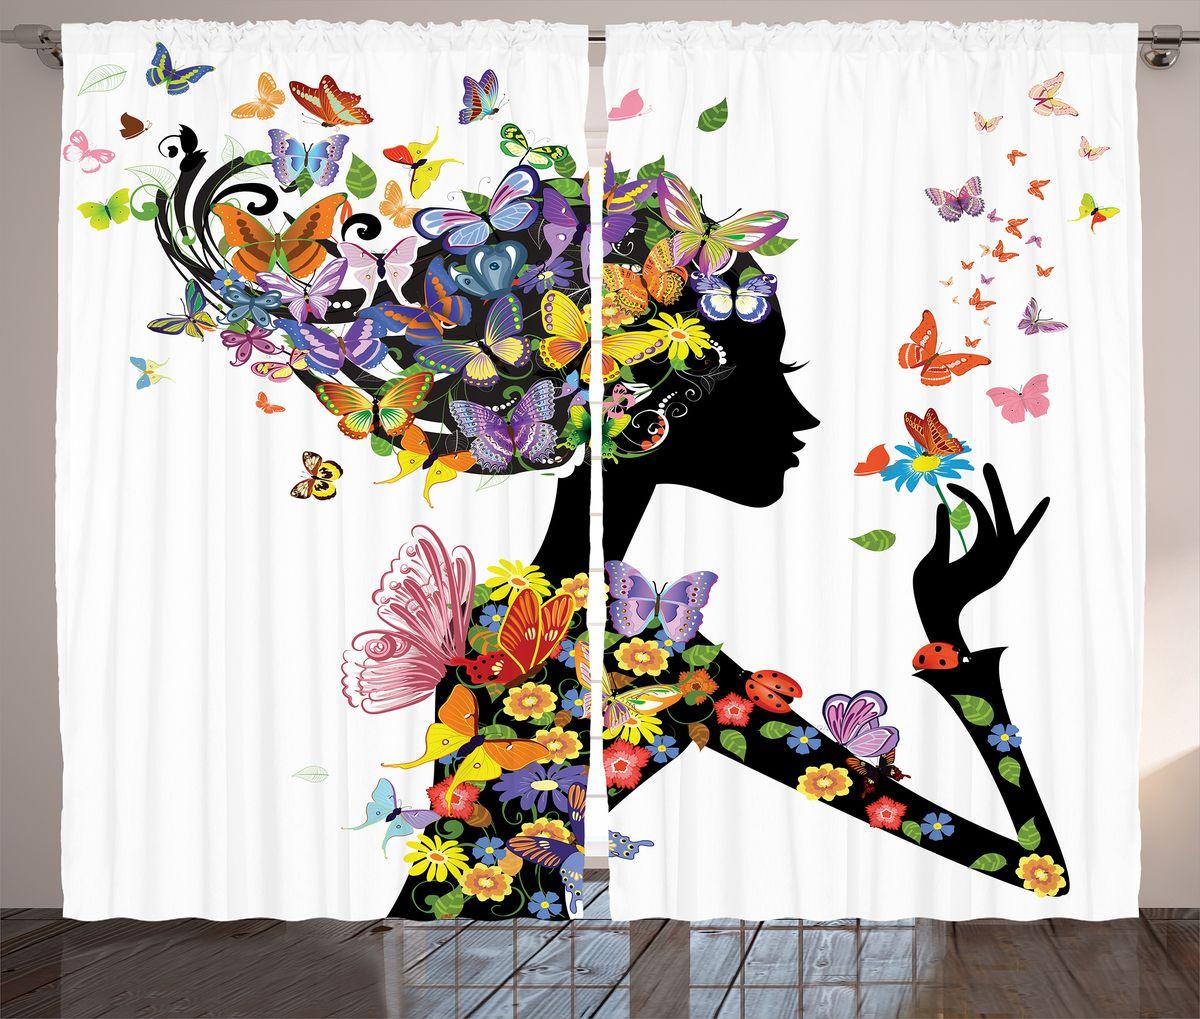 Комплект фотоштор Magic Lady Цветочная фея с бабочками, на ленте, высота 265 см. шсг_11017шсг_11017Компания Сэмболь изготавливает шторы из высококачественного сатена (полиэстер 100%). При изготовлении используются специальные гипоаллергенные чернила для прямой печати по ткани, безопасные для человека и животных. Экологичность продукции Magic lady и безопасность для окружающей среды подтверждены сертификатом Oeko-Tex Standard 100. Крепление: крючки для крепления на шторной ленте (50 шт). Возможно крепление на трубу. Внимание! При нанесении сублимационной печати на ткань технологическим методом при температуре 240°С, возможно отклонение полученных размеров (указанных на этикетке и сайте) от стандартных на + - 3-5 см. Производитель старается максимально точно передать цвета изделия на фотографиях, однако искажения неизбежны и фактический цвет изделия может отличаться от воспринимаемого по фото. Обратите внимание! Шторы изготовлены из полиэстра сатенового переплетения, а не из сатина (хлопок). Размер одного полотна шторы: 145х265 см. В комплекте 2...